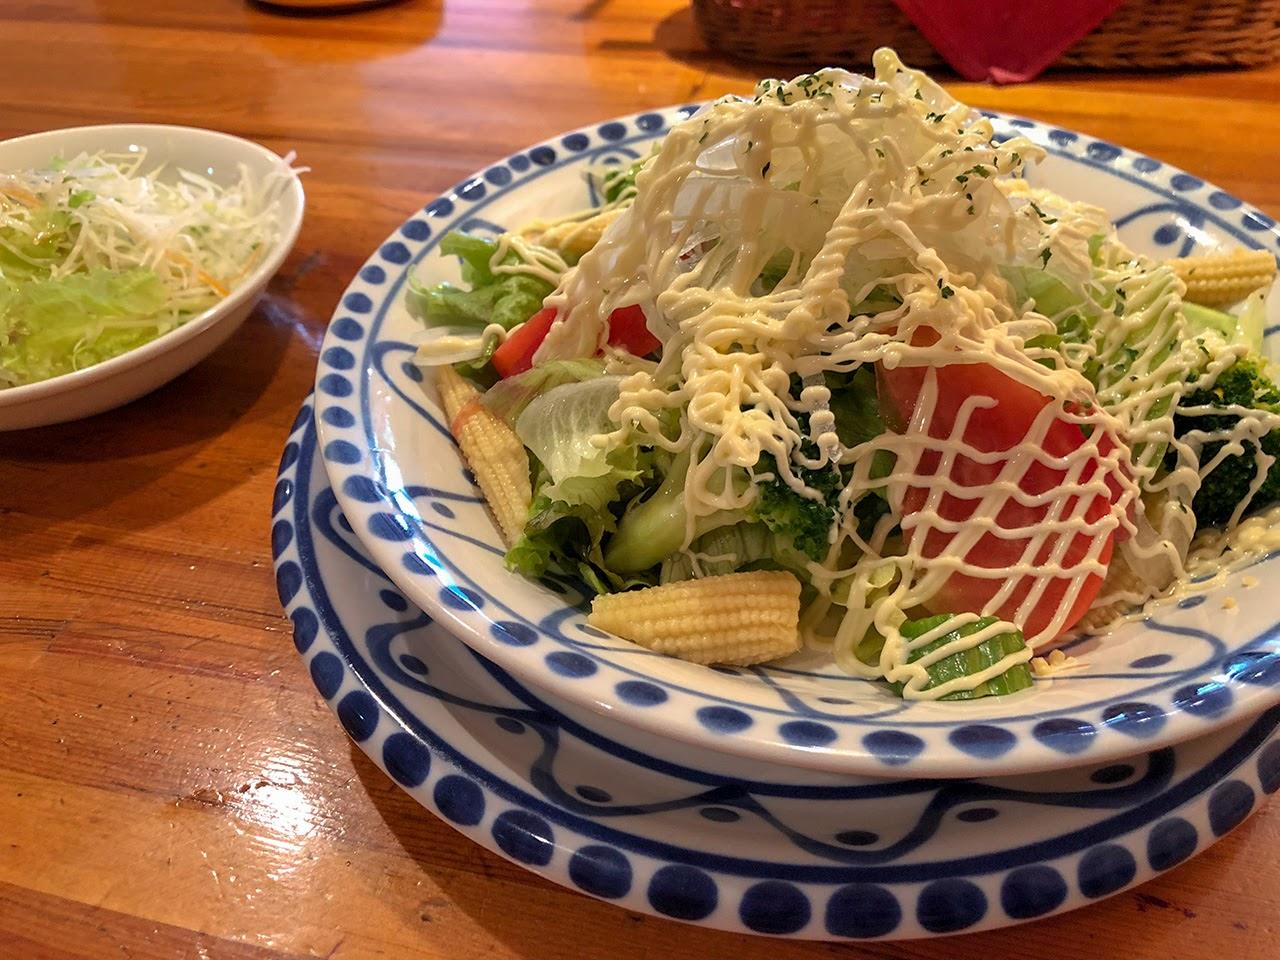 トルティーノのサラダ